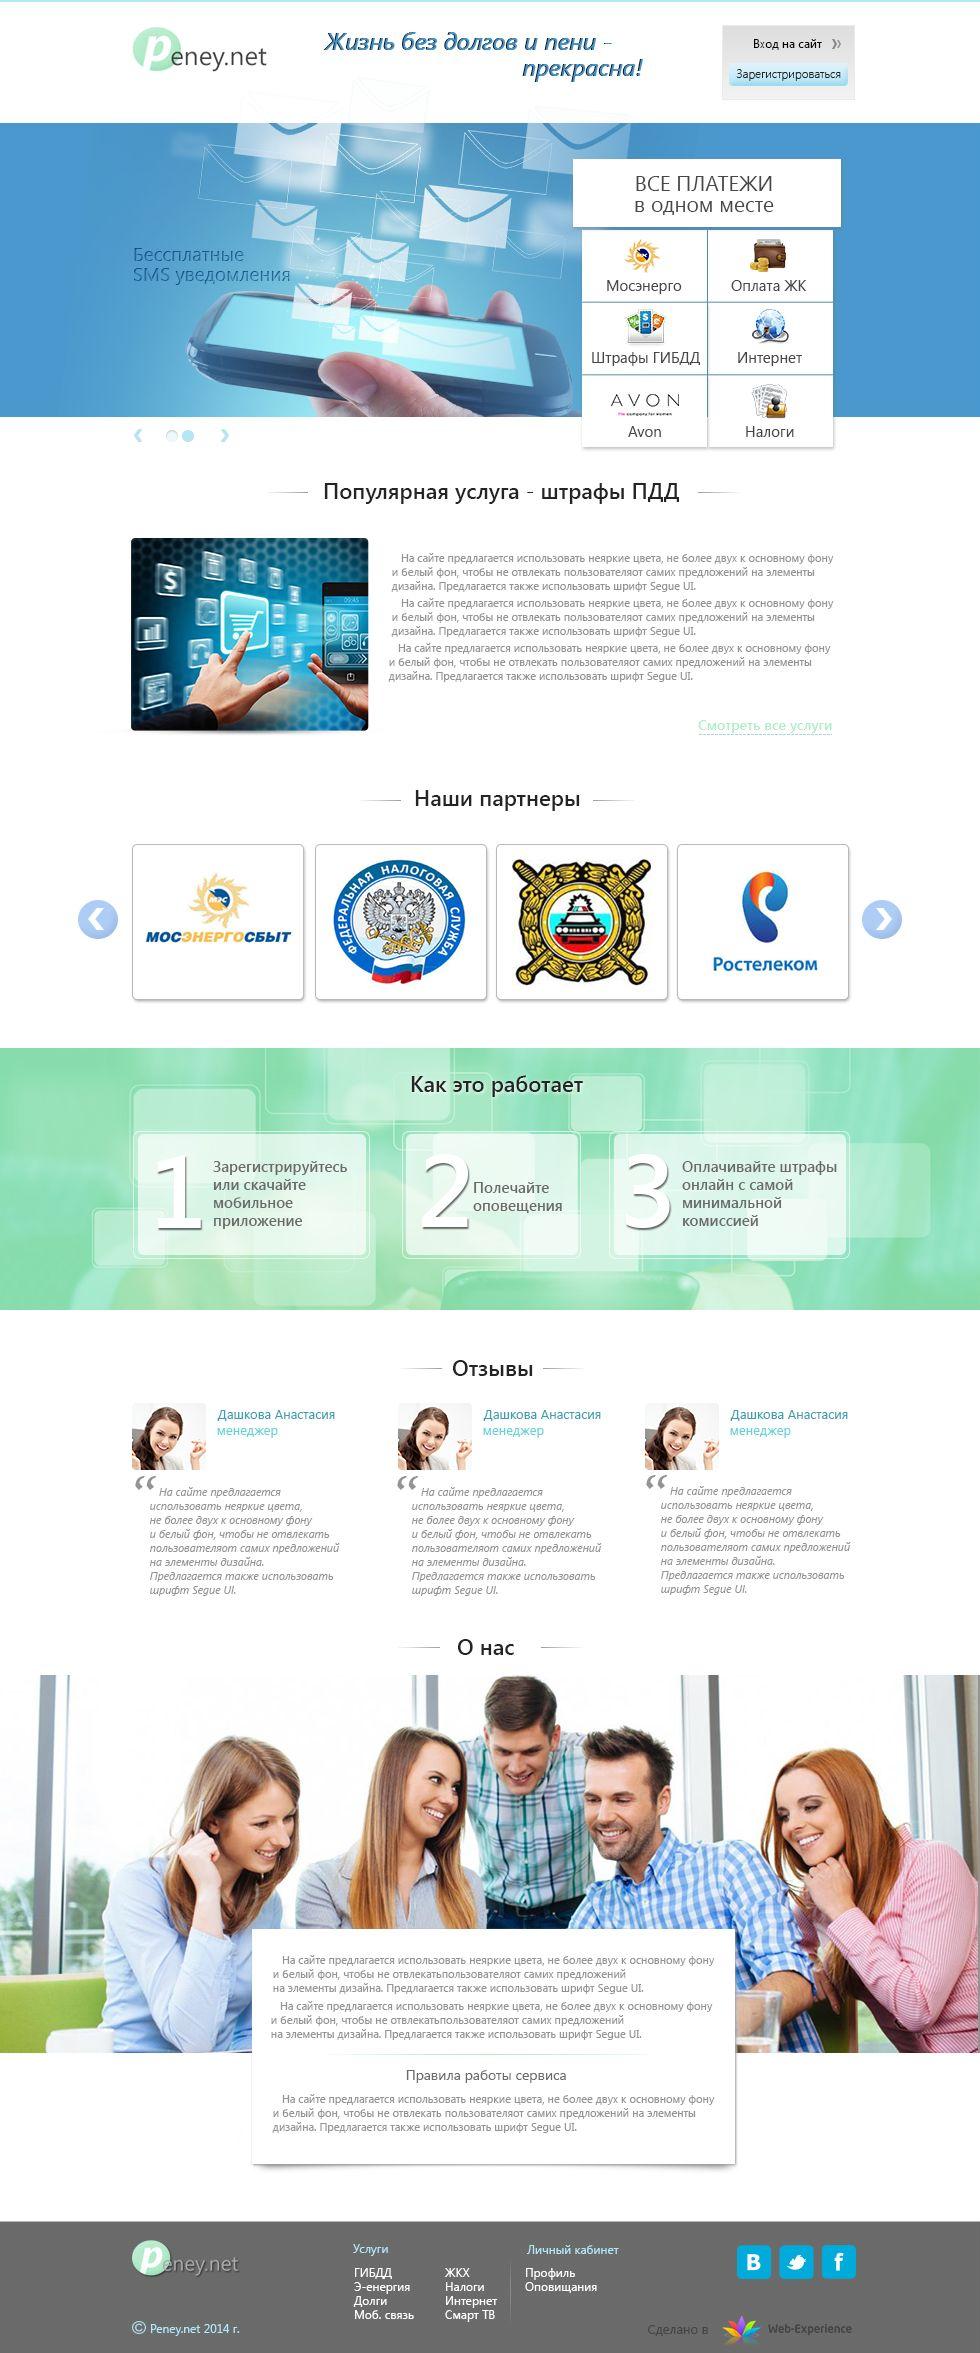 Редизайн сайта peney.net - дизайнер sera2007